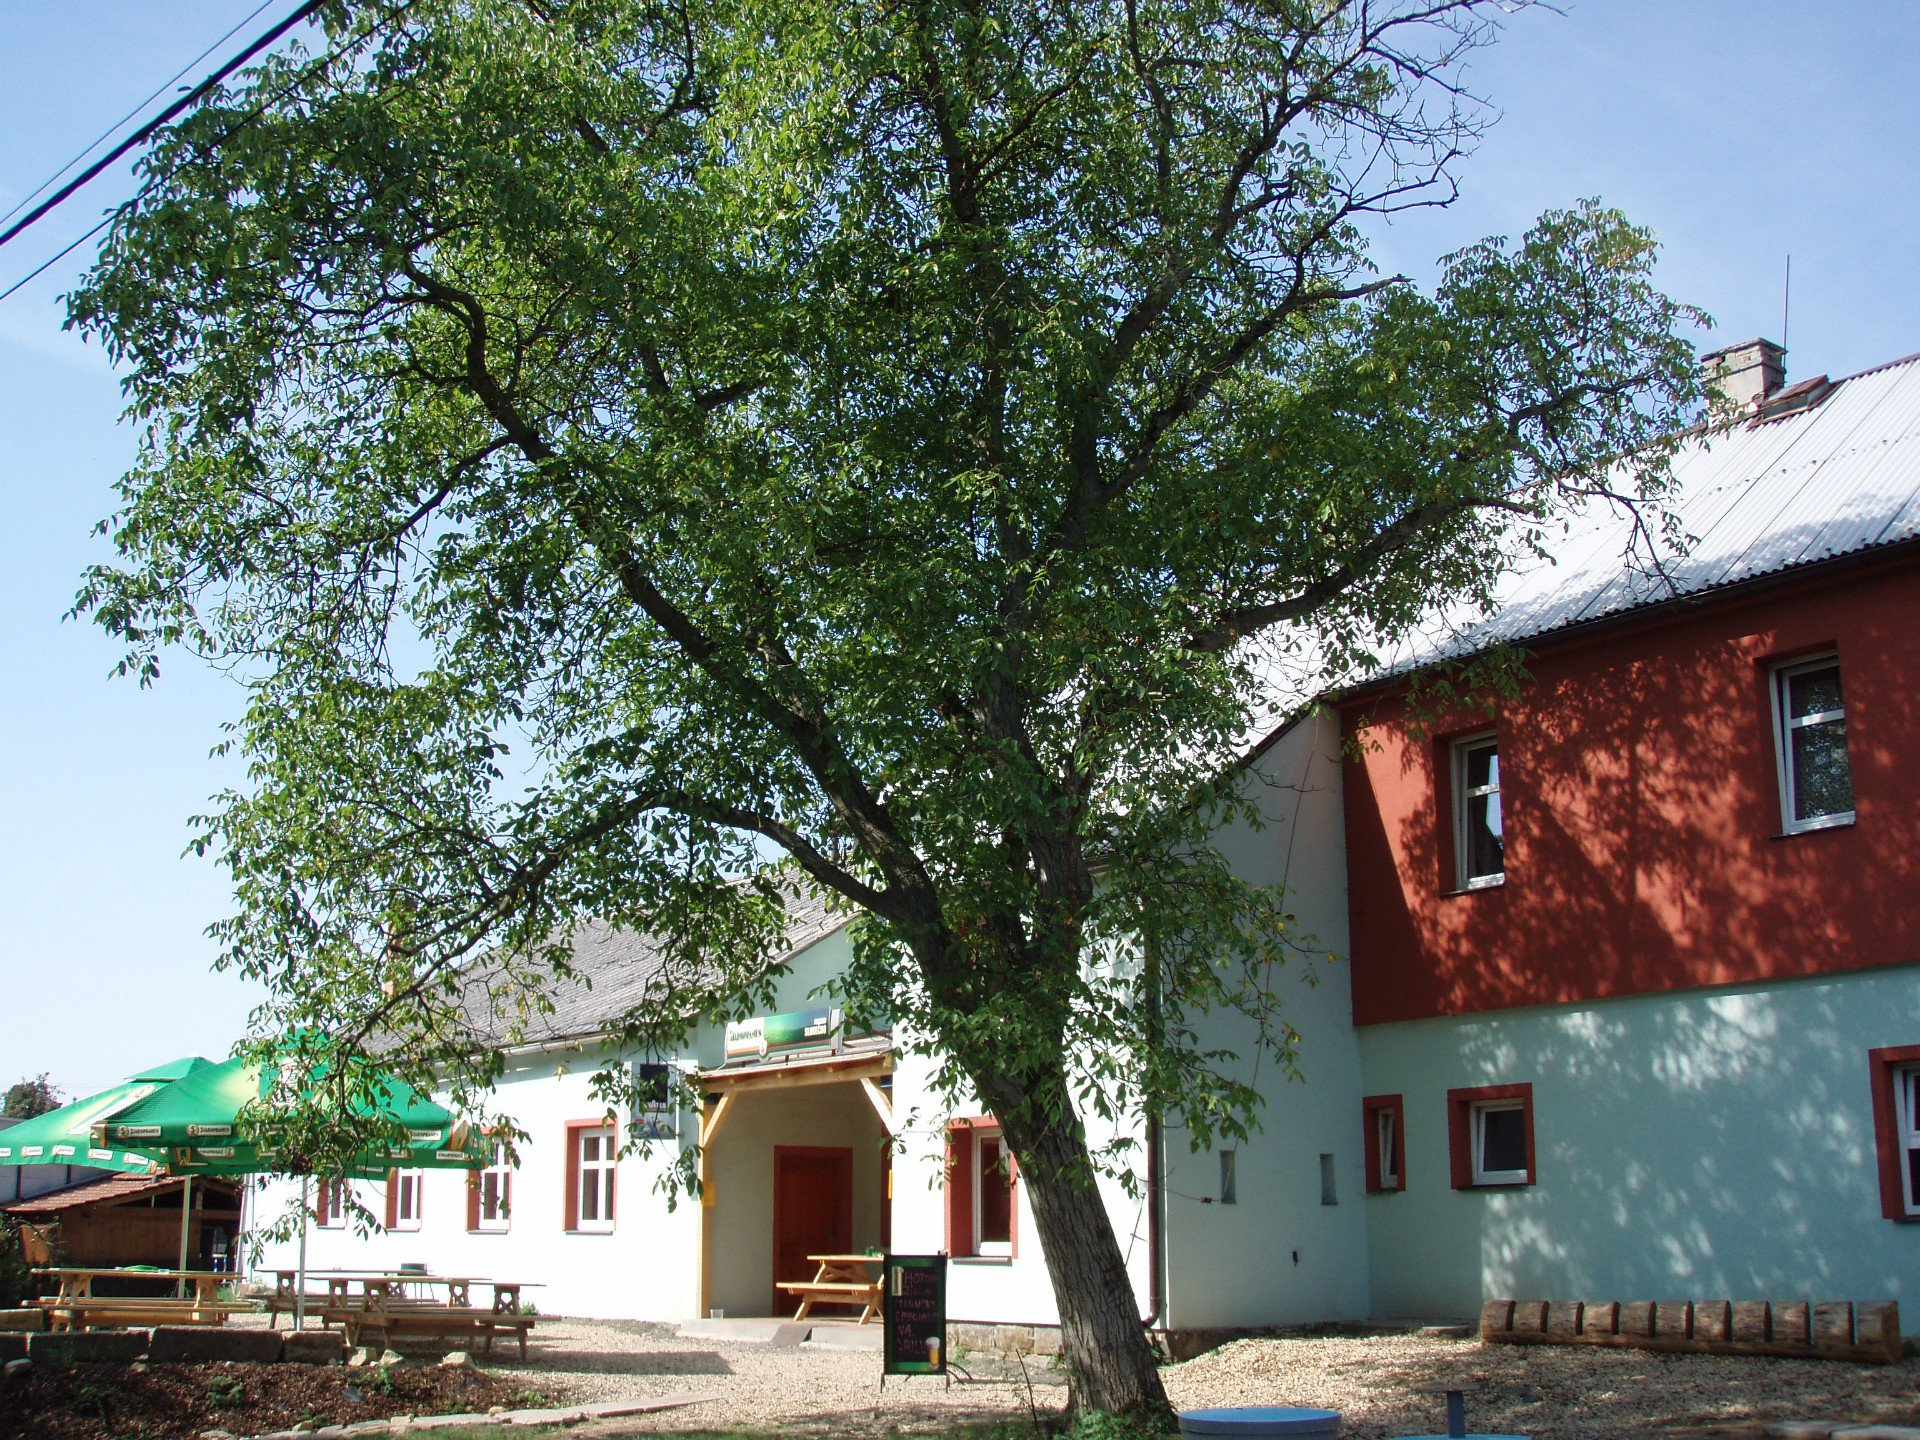 Penzion Slunečno, Dobšín